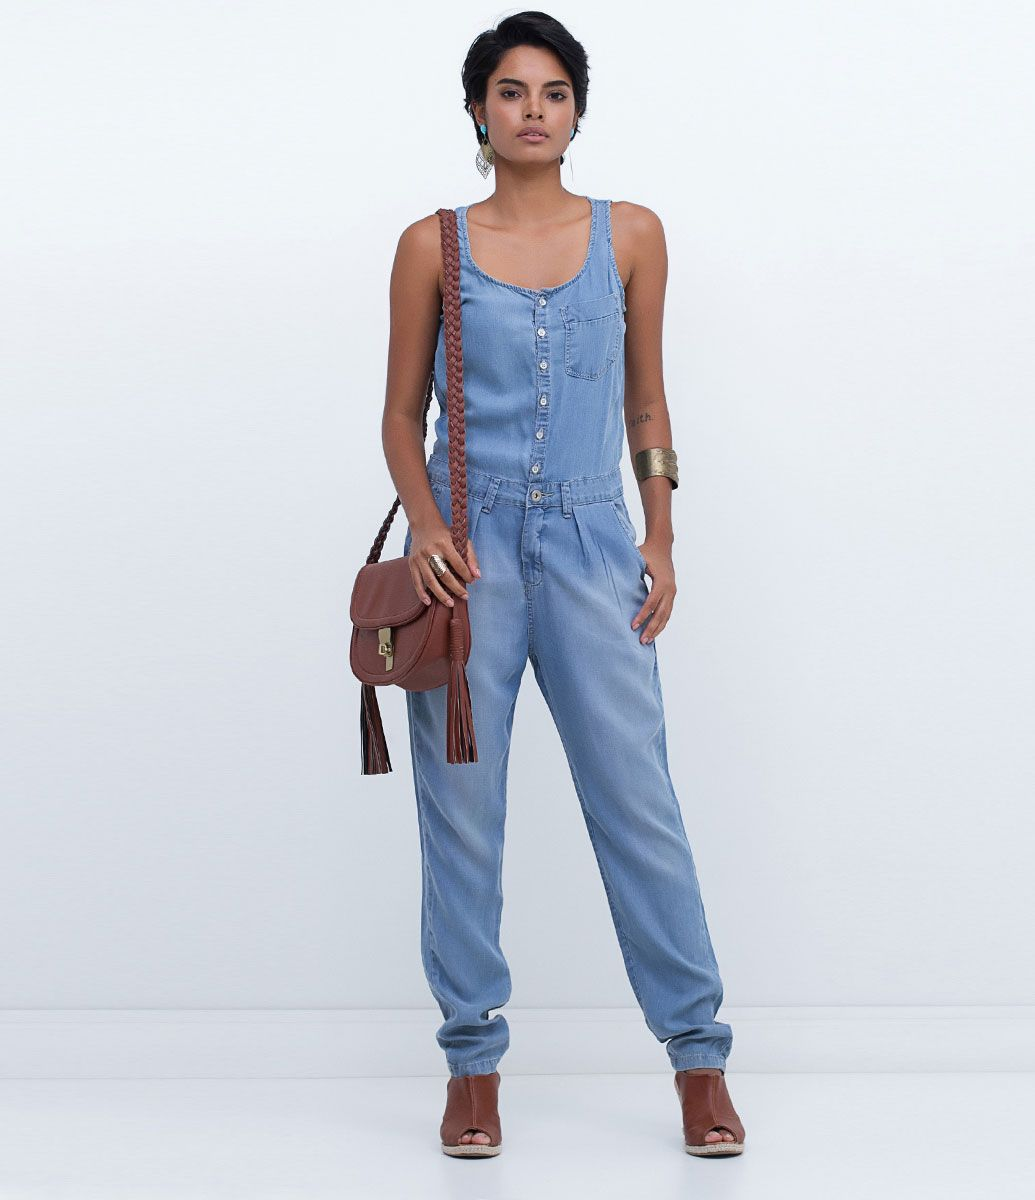 616b4decdd Macacão feminino Modelo longo Em jeans Com bolsos Marca  Marfinno Tecido   liocel Composição